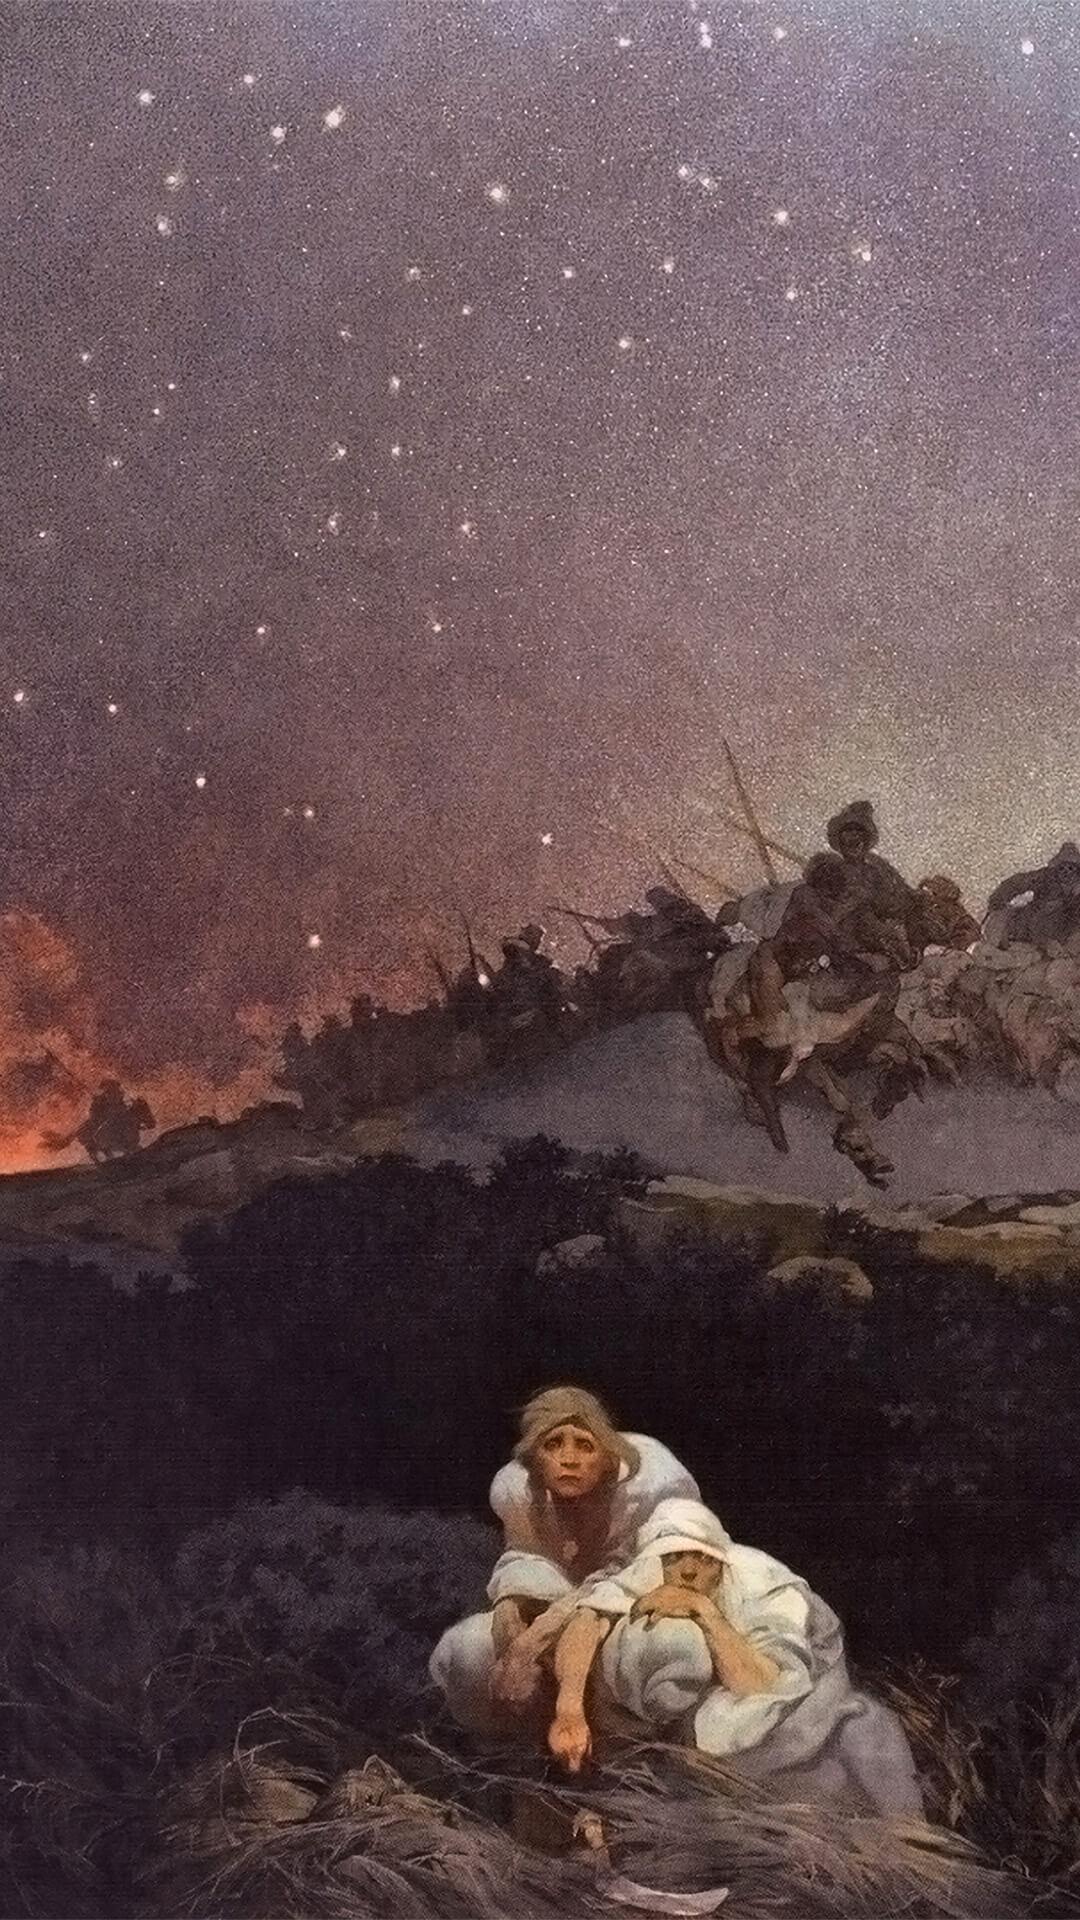 Alfons Mucha-Slovane v pravlasti_d1_1080x1920